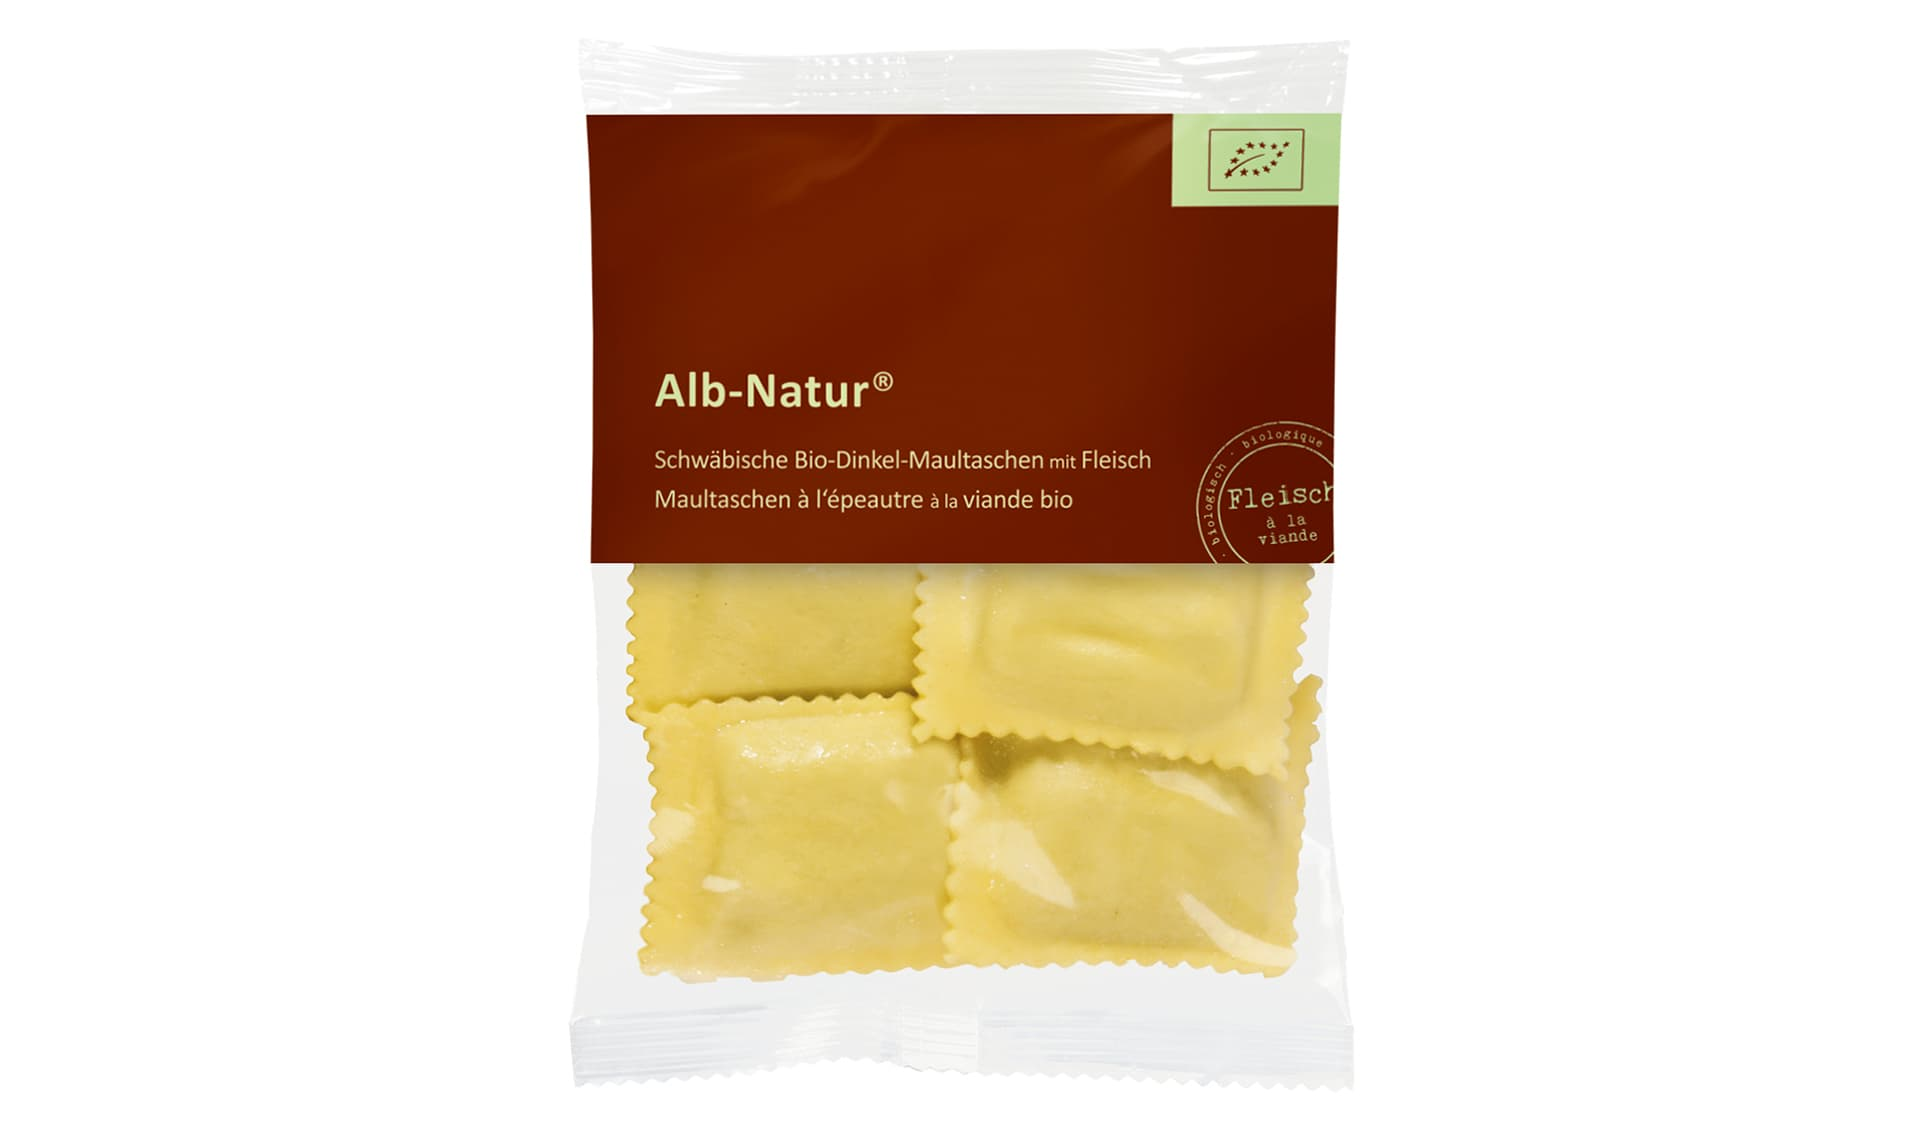 Alb-Natur (www.alb-natur.de) Schwäbische Bio-Dinkel-Maultaschen mit Fleisch